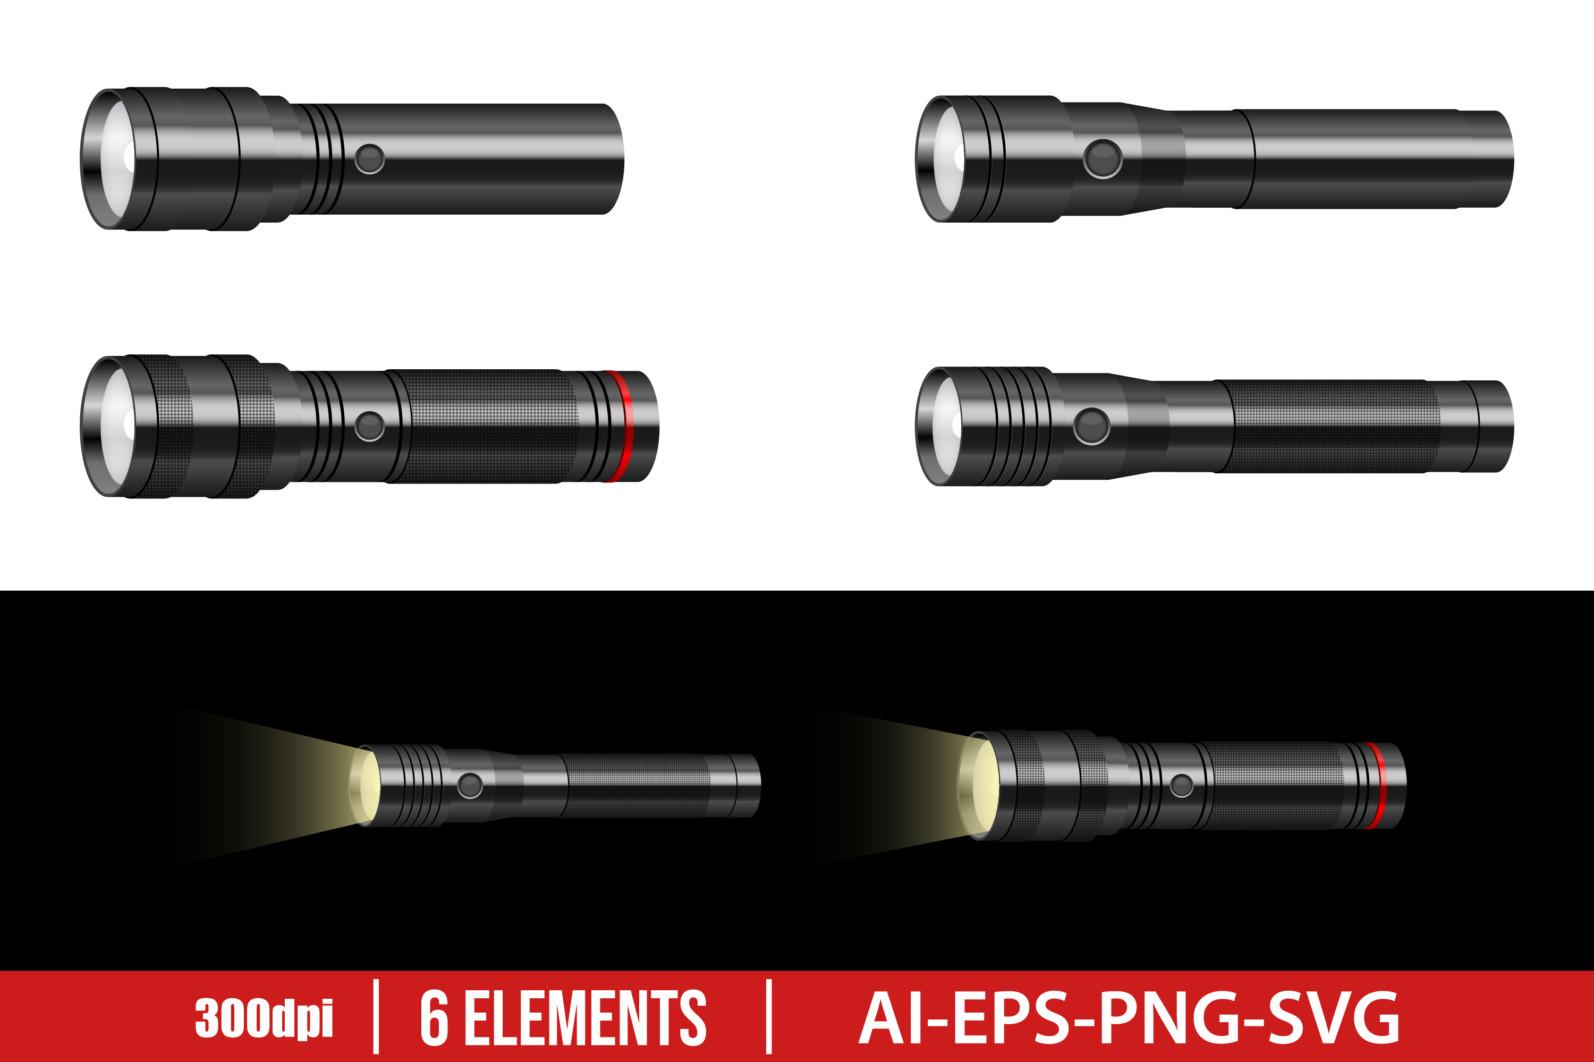 Flashlight clipart vector design illustration. Flashlight set. Vector Clipart Print - FLASHLIGHT scaled -